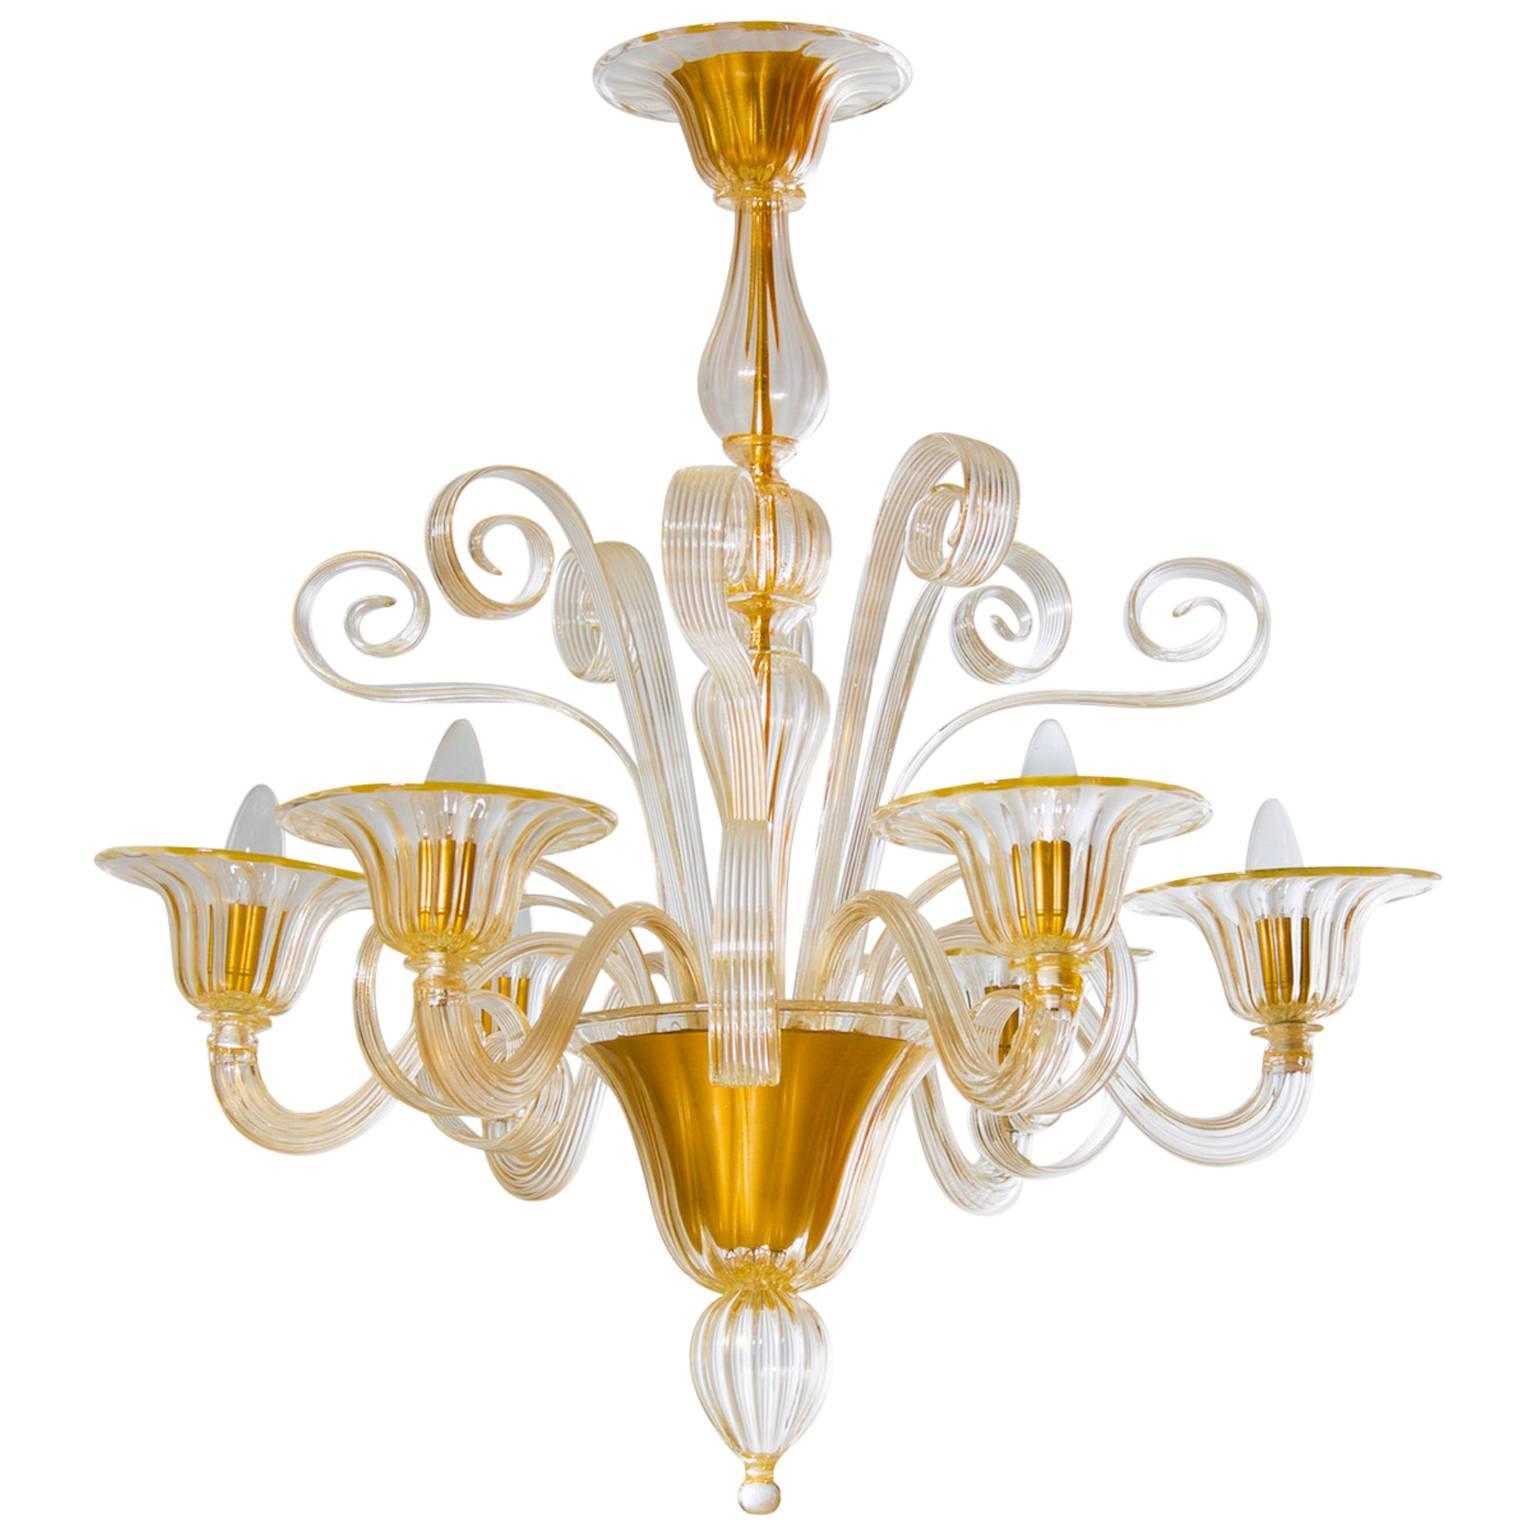 Italian Venetian Chandelier in Blown Murano Glass, Gold Pastorals, 1990s